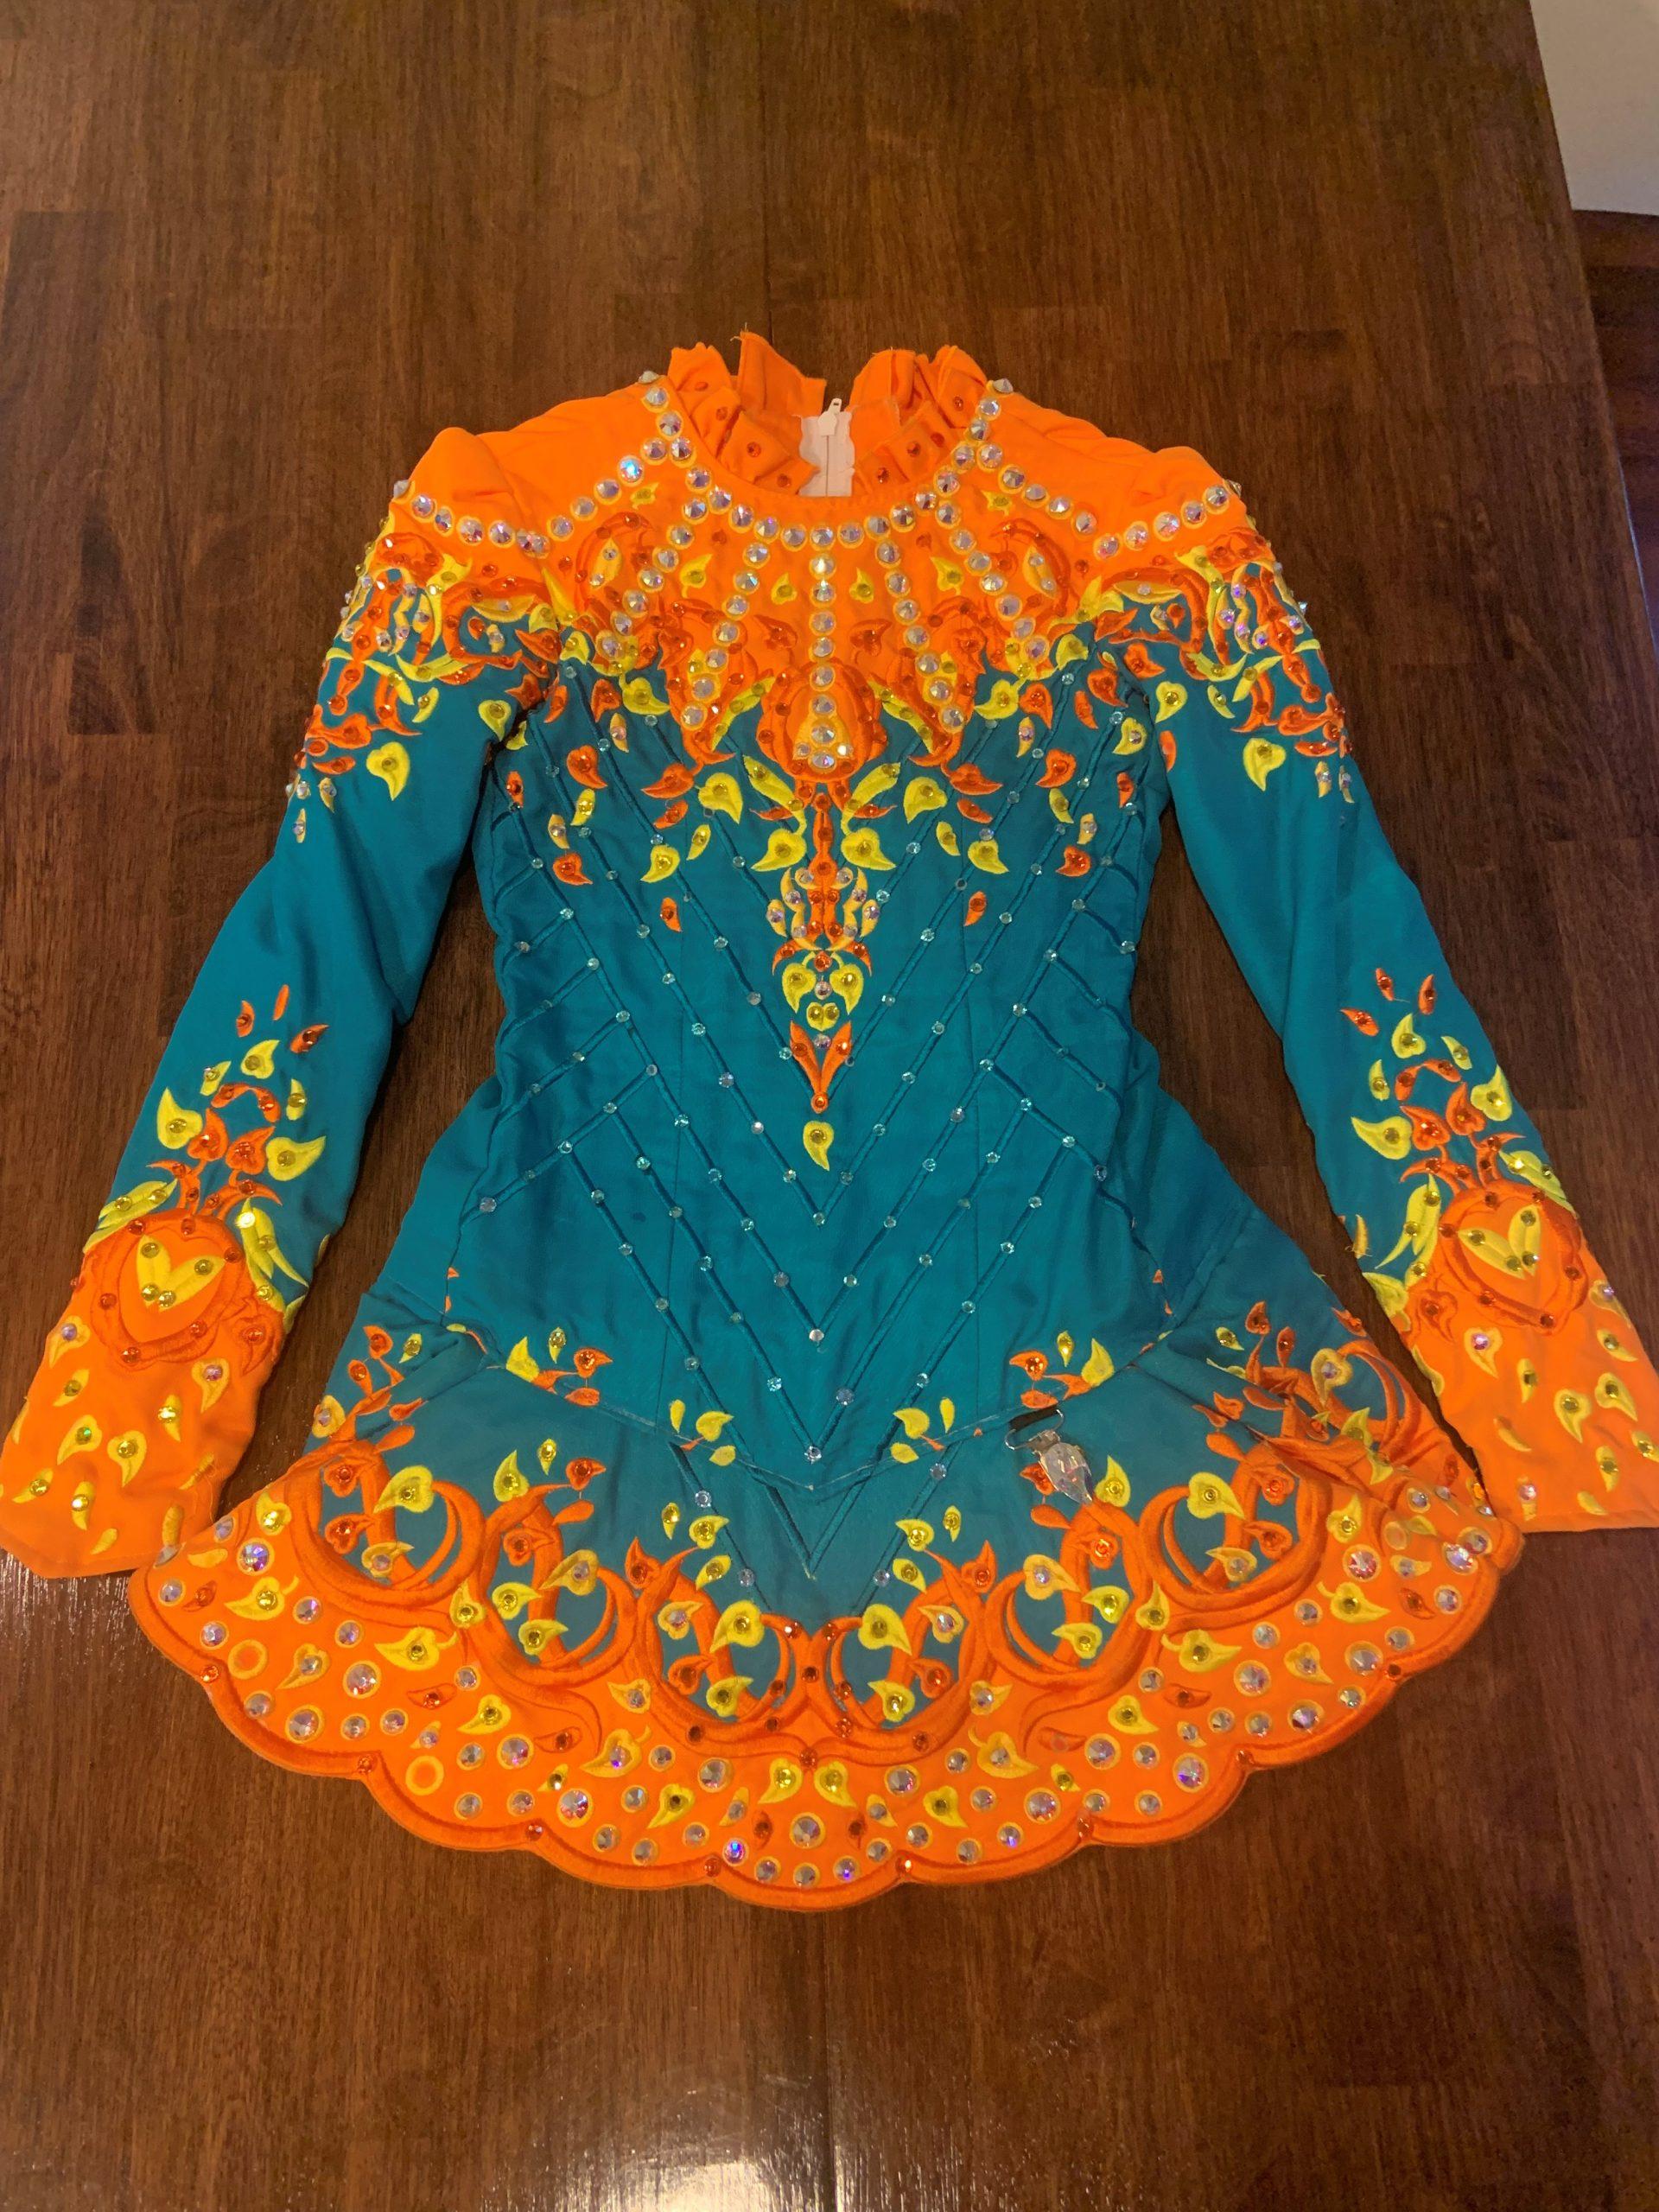 Dress #7299